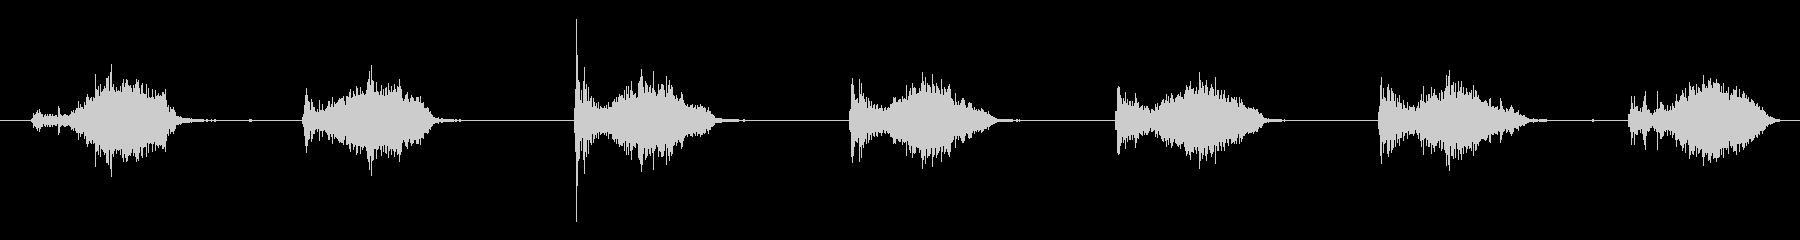 ハードワイヤーブラシ:中程度のスト...の未再生の波形